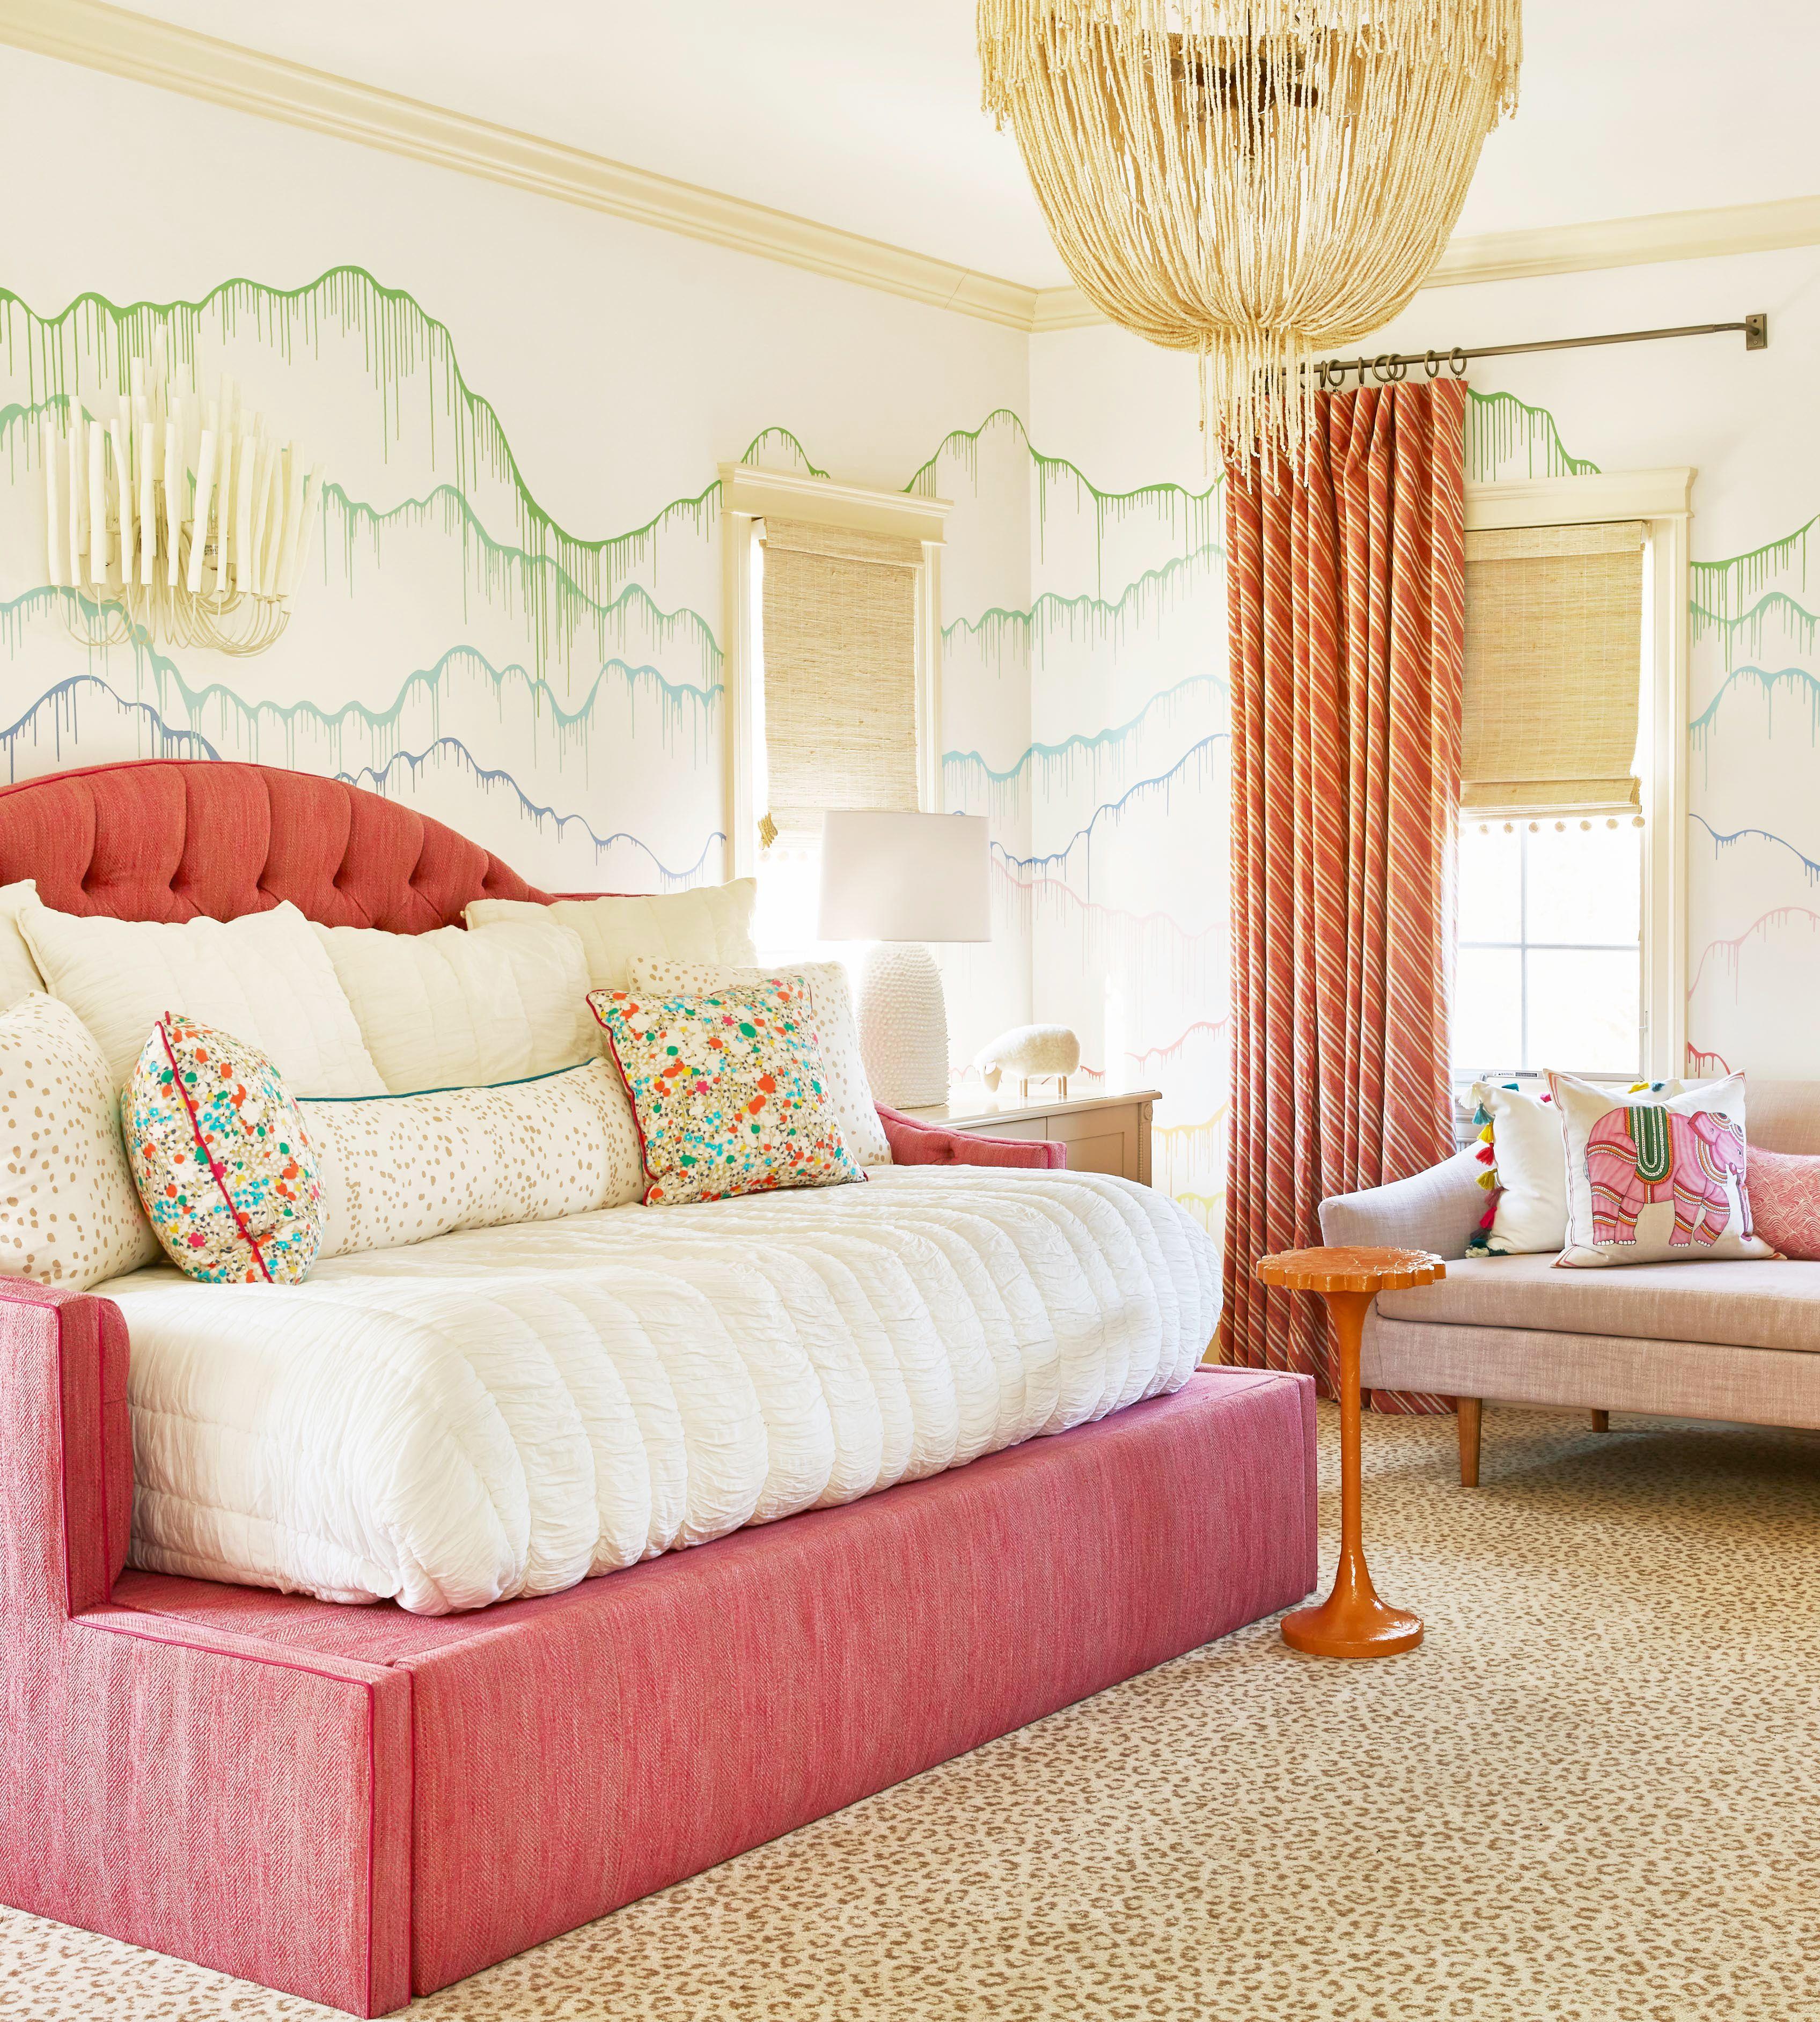 bedroom wall design toldedo full size upholstered daybed splatter paint wallpaper 1576083720